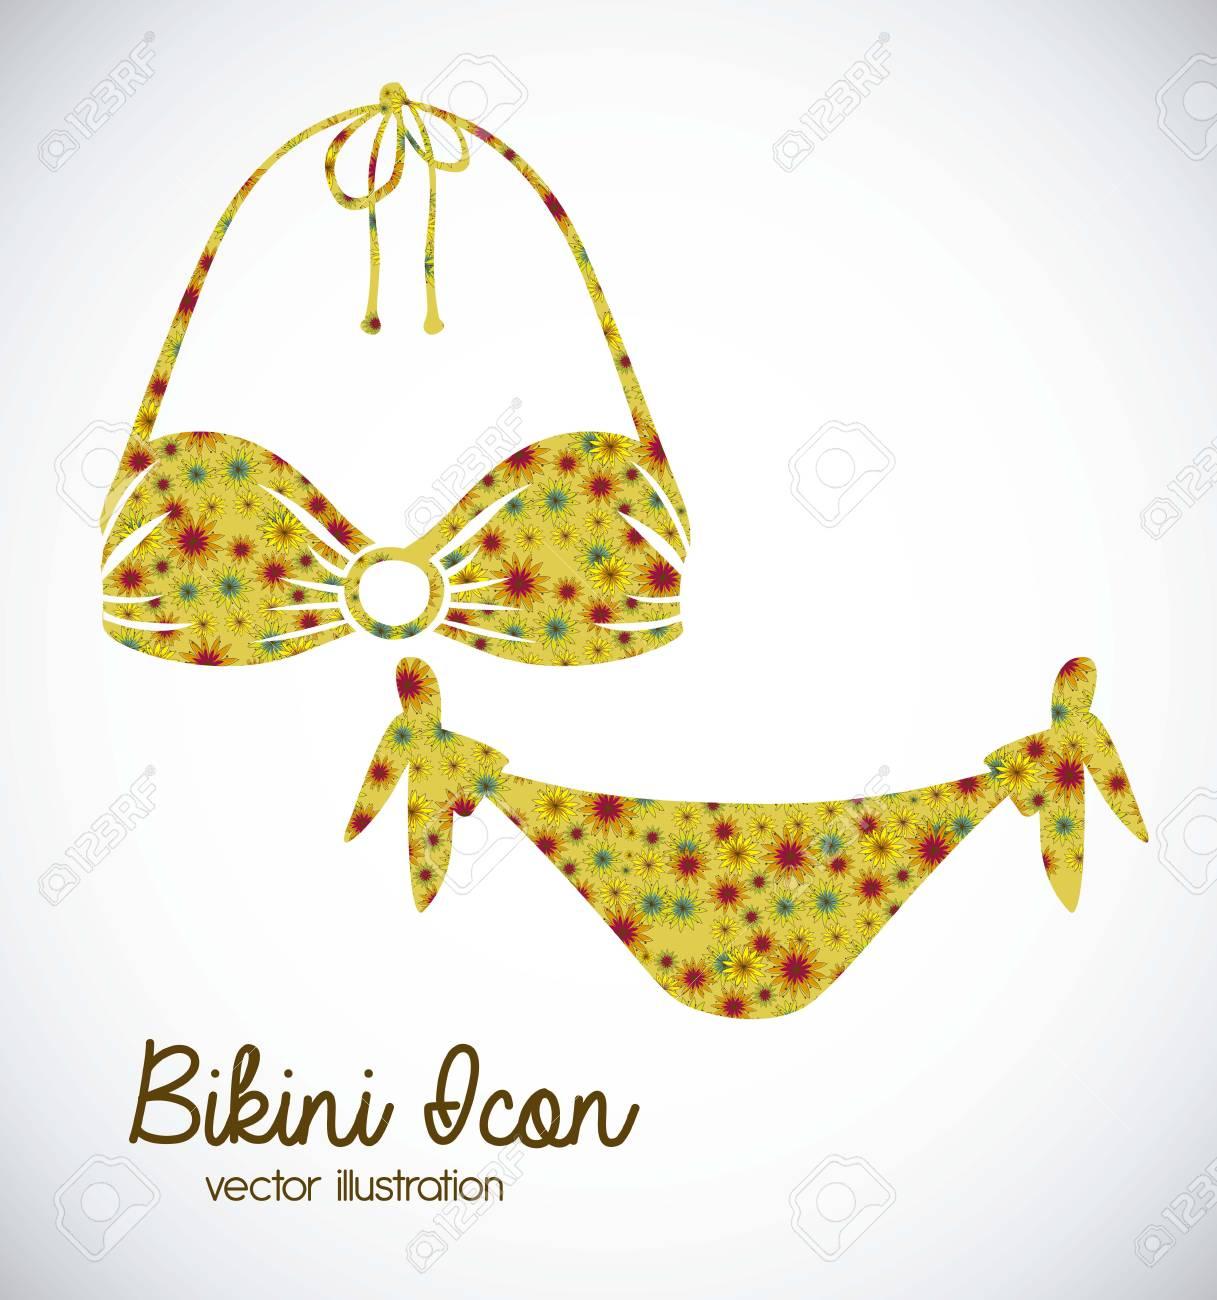 17684e8d8cf Foto de archivo - Ilustración del icono del bikini. Traje de baño dos piezas  de ilustración